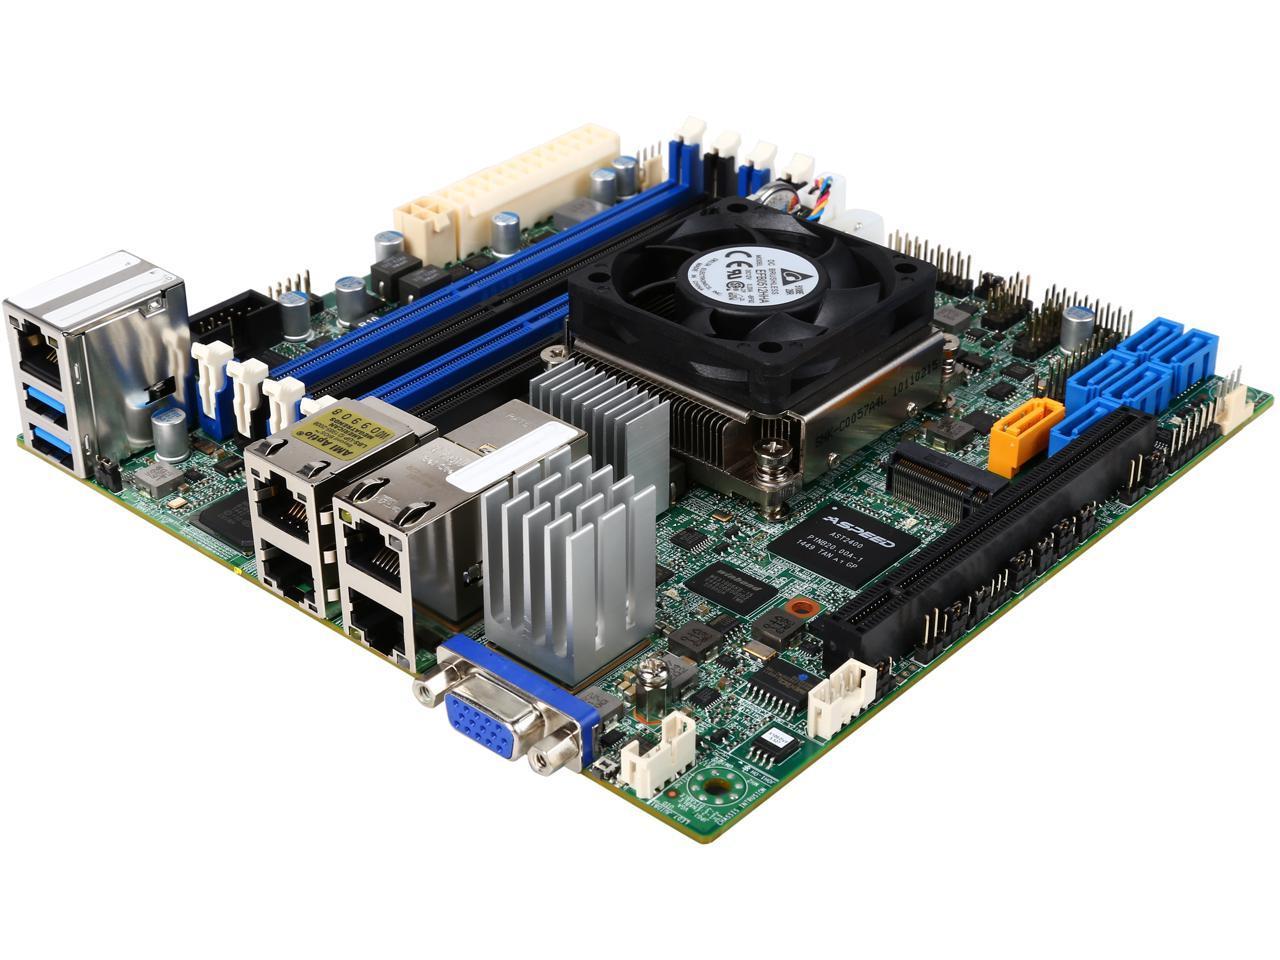 Seeking Ryzen mITX for server build - Motherboards